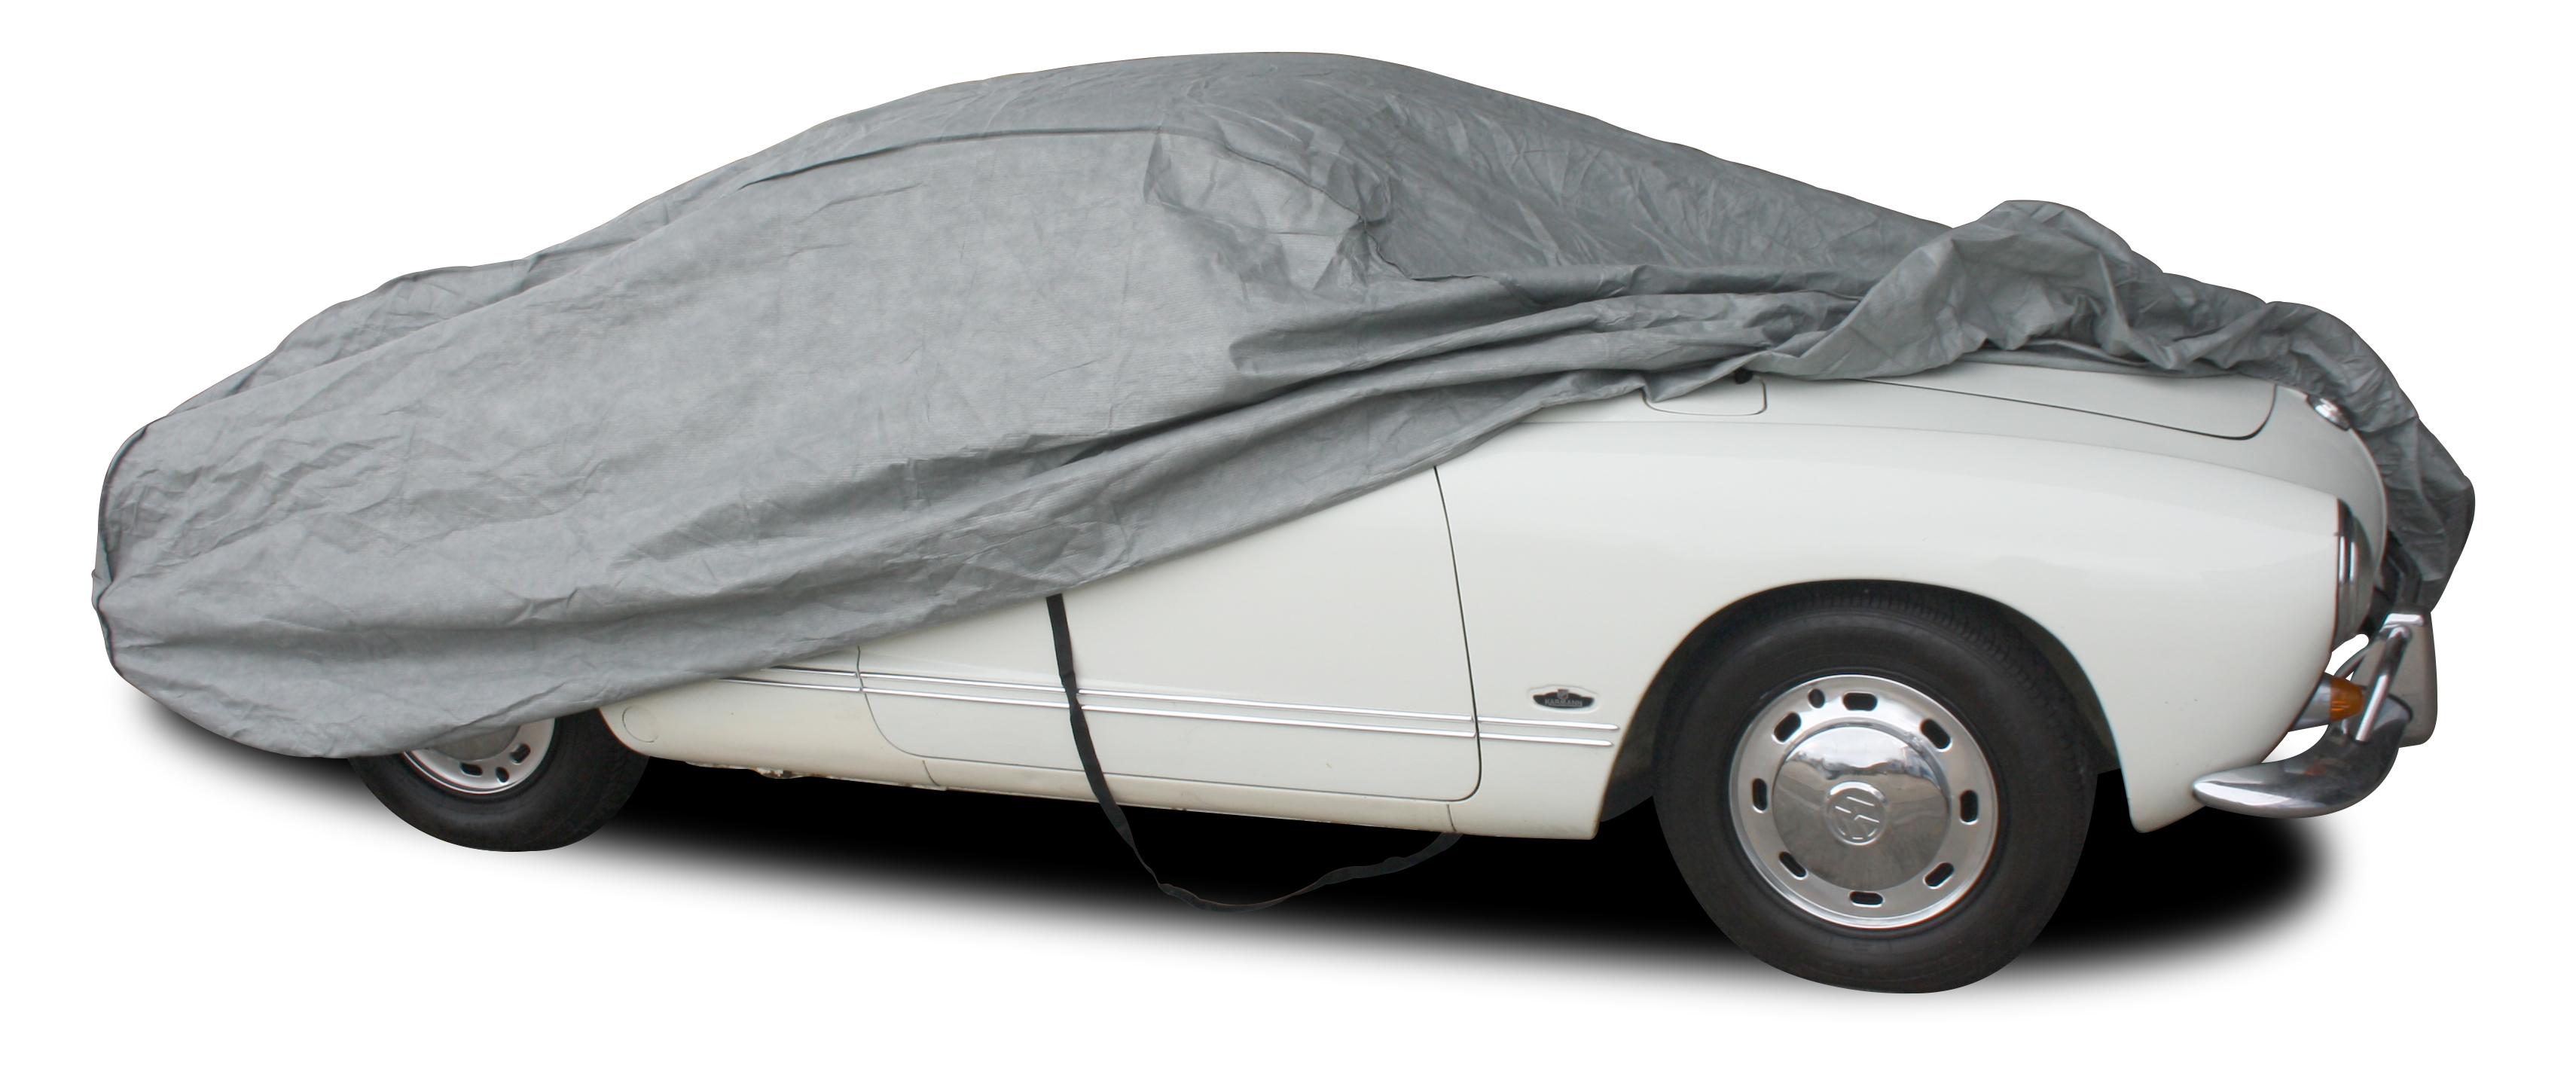 Karmann Ghia car cover